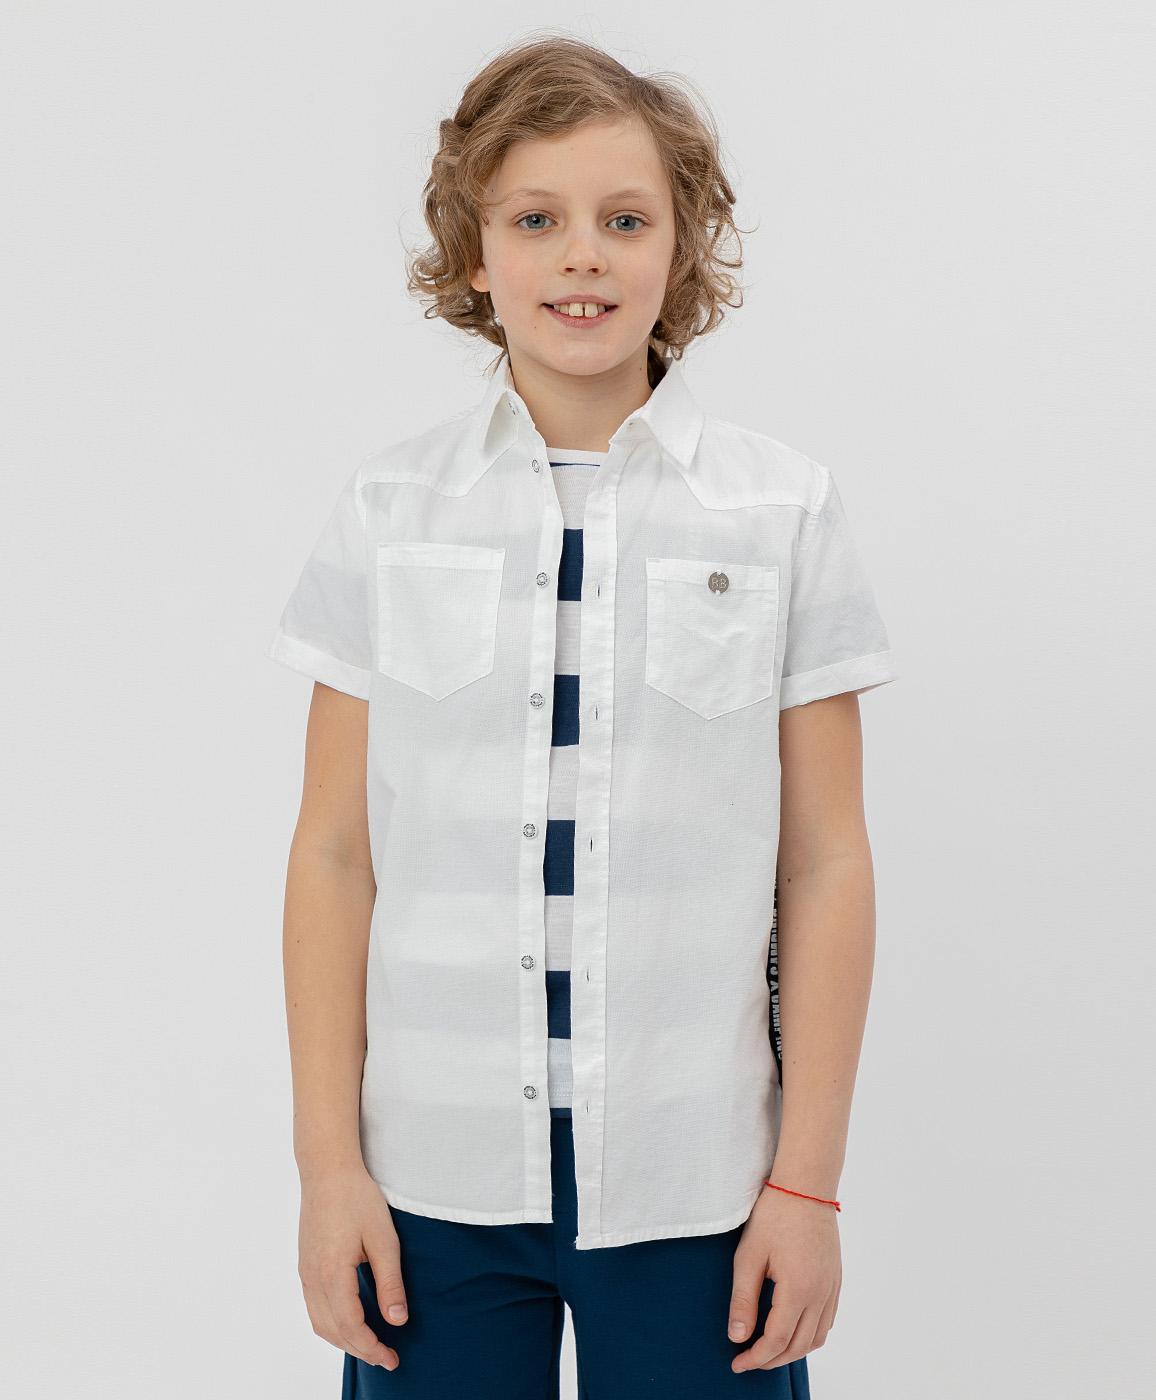 Купить 120BBBC23020200, Белая рубашка с коротким рукавом Button Blue, белый, 104, Мужской, ВЕСНА/ЛЕТО 2020 (shop: GulliverMarket Gulliver Market)